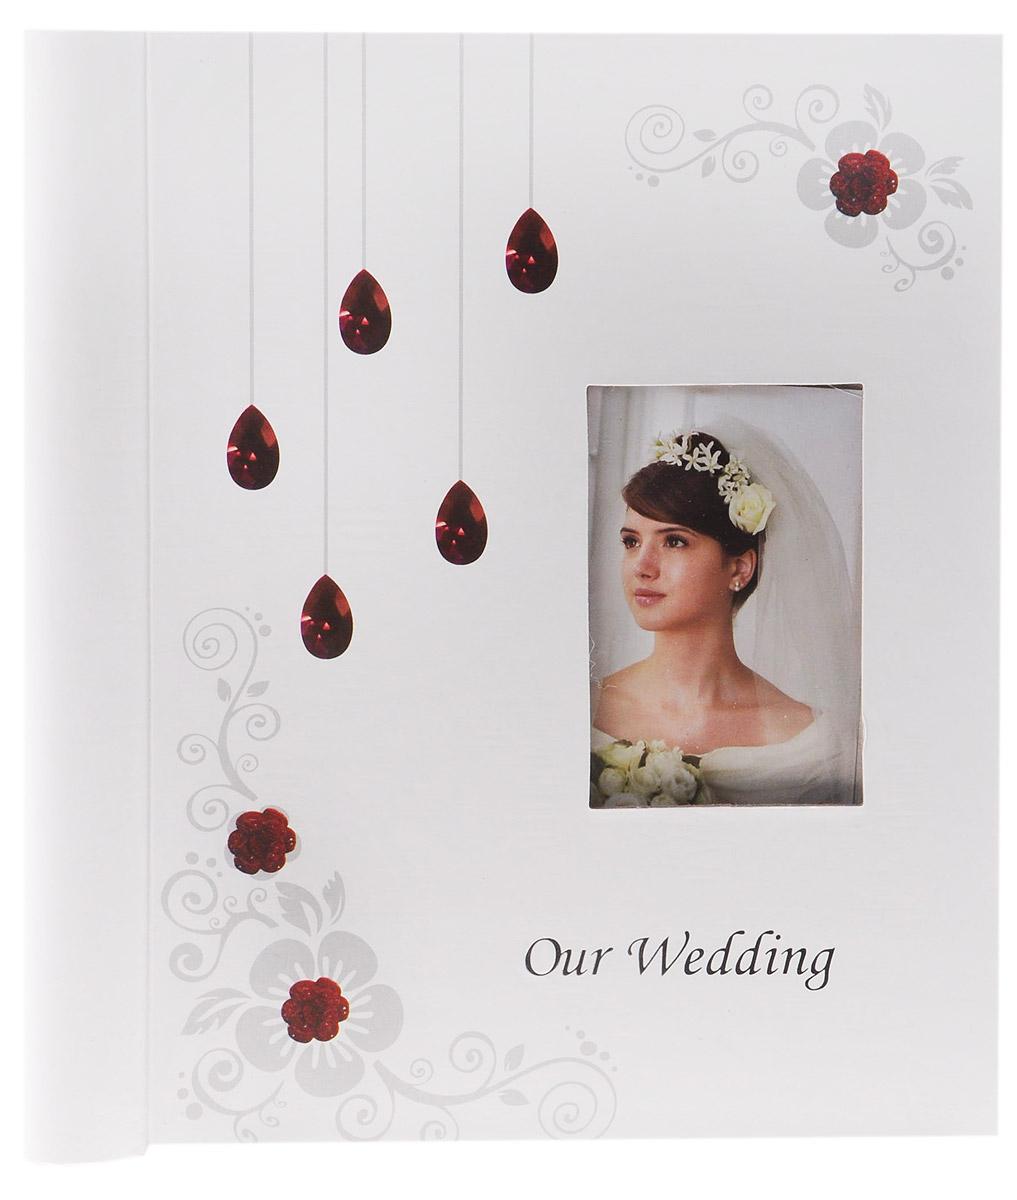 Фотоальбом Diesel Wedding story, 20 фотографий, 23 х 28 см 22263Брелок для ключейФотоальбом Diesel Wedding story изготовленный из картона с клеевым покрытием и пленки ПВХ, поможет красиво оформить ваши свадебные фотографии. Обложка выполнена из толстого картона. С лицевой стороны обложки имеется окошко для вашей самой любимой фотографии. Внутри содержится блок из 20 магнитных листов, которые размещены на пластиковых кольцах. Альбом с магнитными листами удобен тем, что он позволяет размещать фотографии разных размеров. В альбоме предусмотрены поля для записей. Листы размещены на пластиковых кольцах.Нам всегда так приятно вспоминать о самых счастливых моментах жизни, запечатленных на фотографиях. Поэтому фотоальбом является универсальным подарком к любому празднику. Размер листа: 23 см х 28 см.